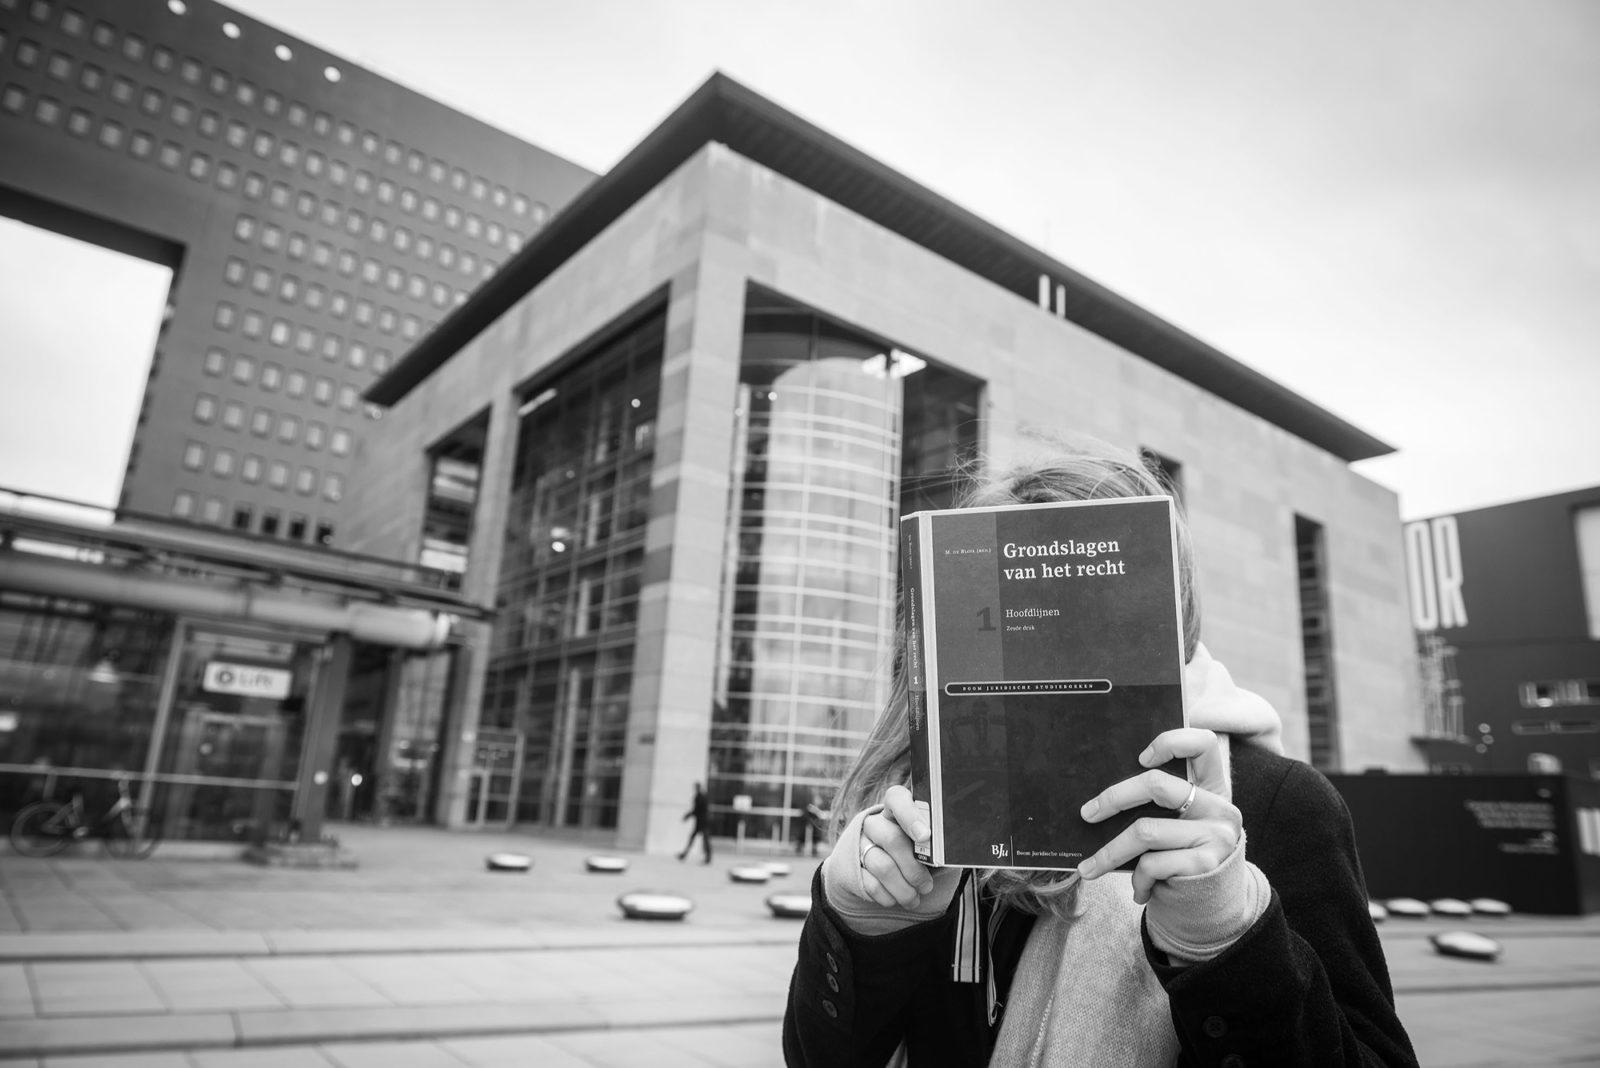 ronald-van-den-heerik-science-meets-city-8-rechtbank